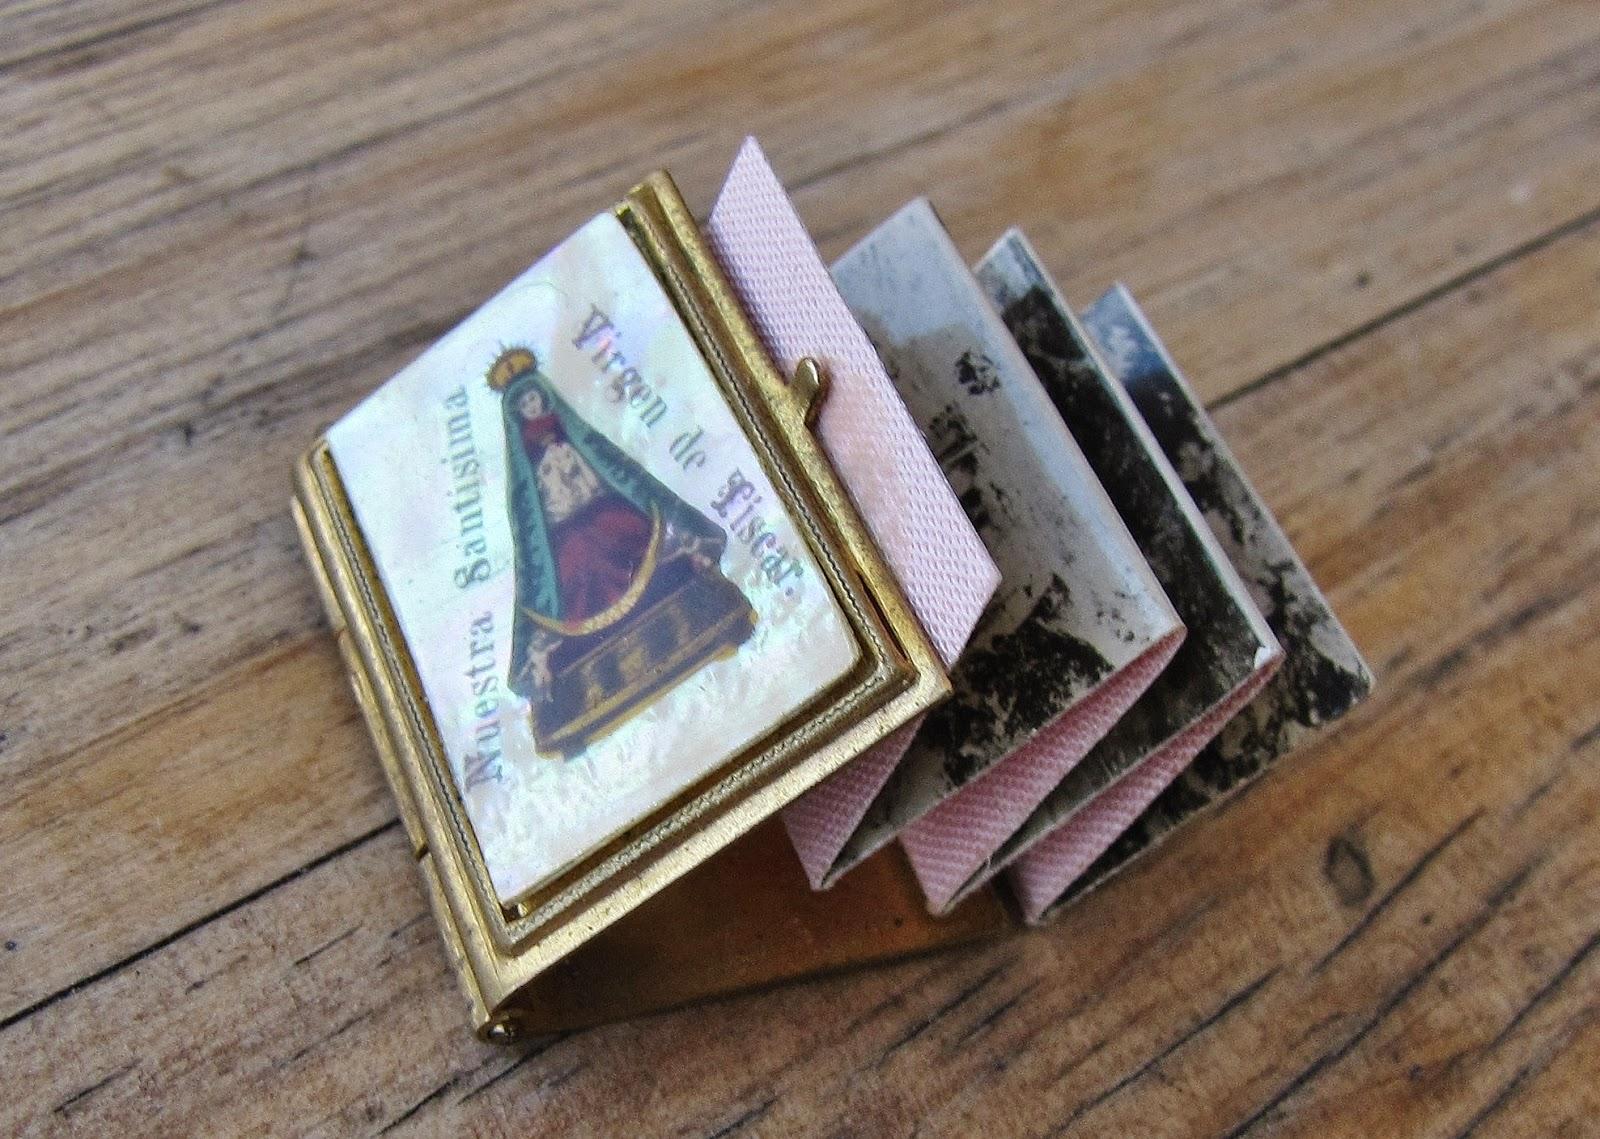 Colgante de la Virgen de Tíscar conteniendo álbum de postales en miniatura